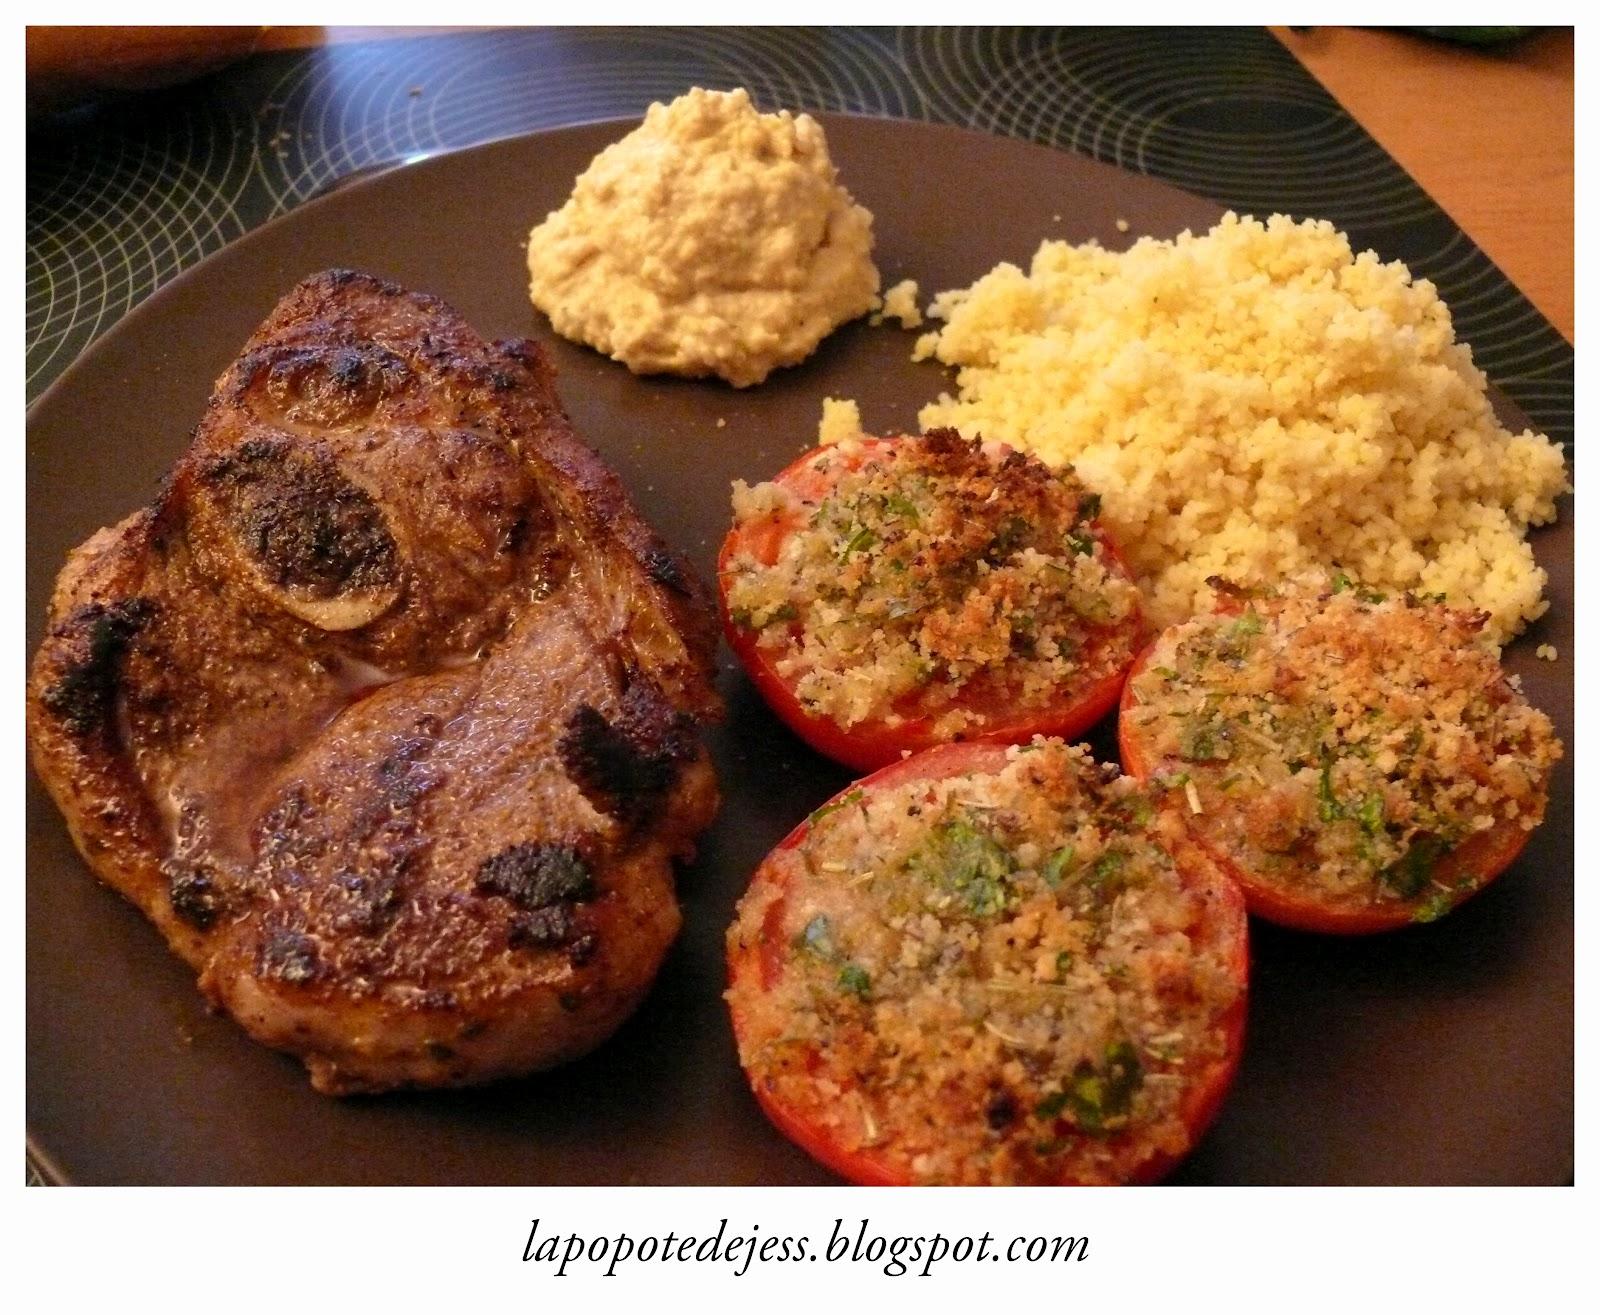 La popote de jess paule d 39 agneau houmous tomates proven ales semoule parfum e - Cuisiner une epaule d agneau ...